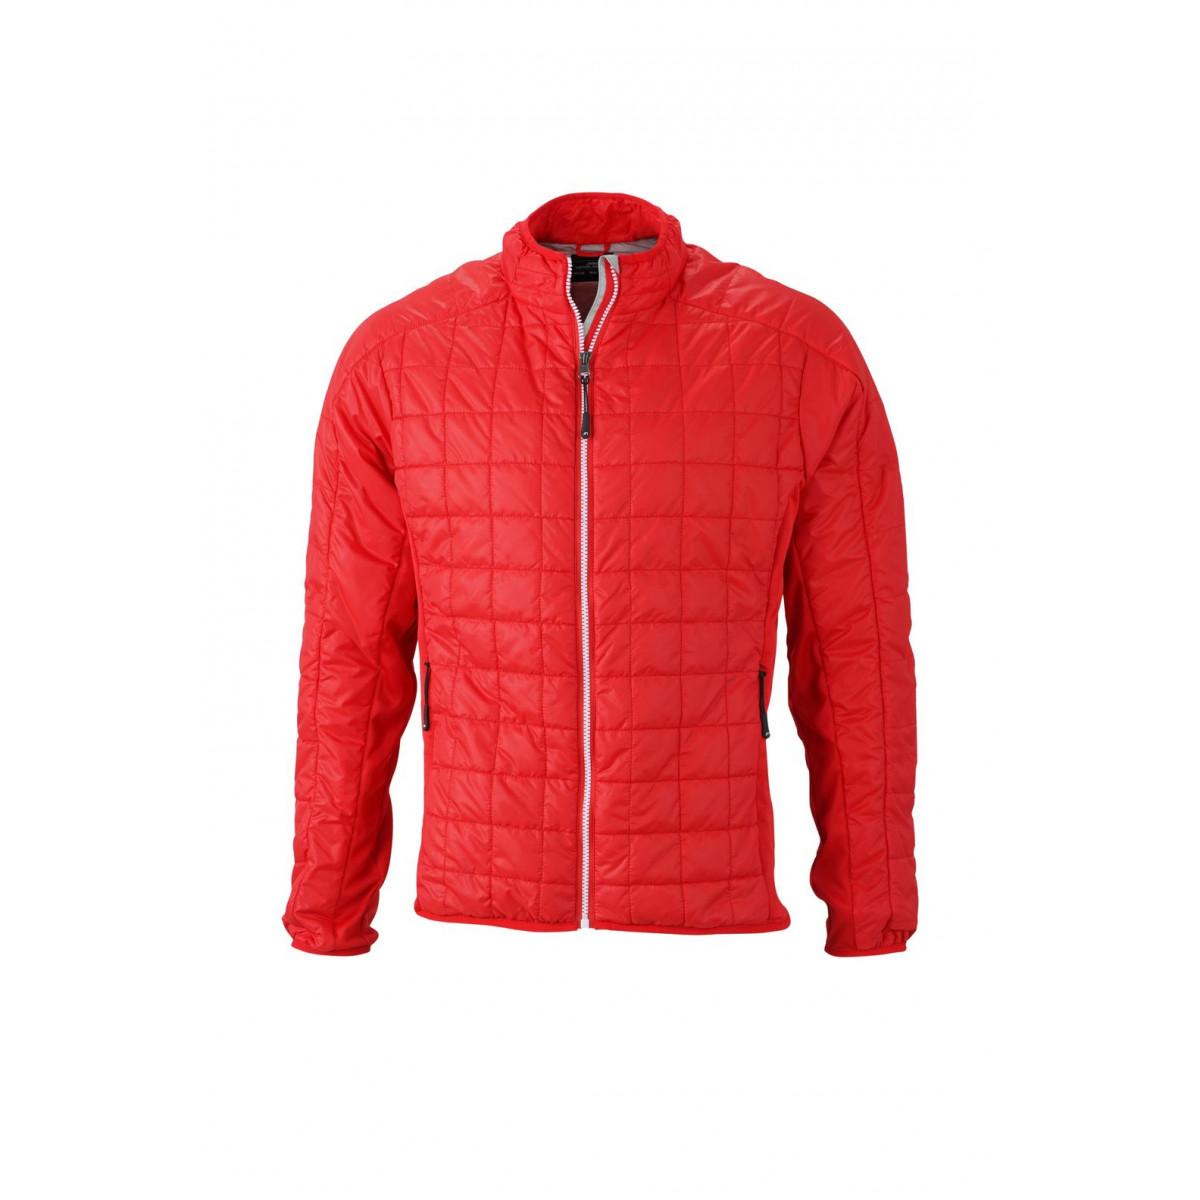 Куртка мужская JN1116 Mens Hybrid Jacket - Светло-красный/Серебряный